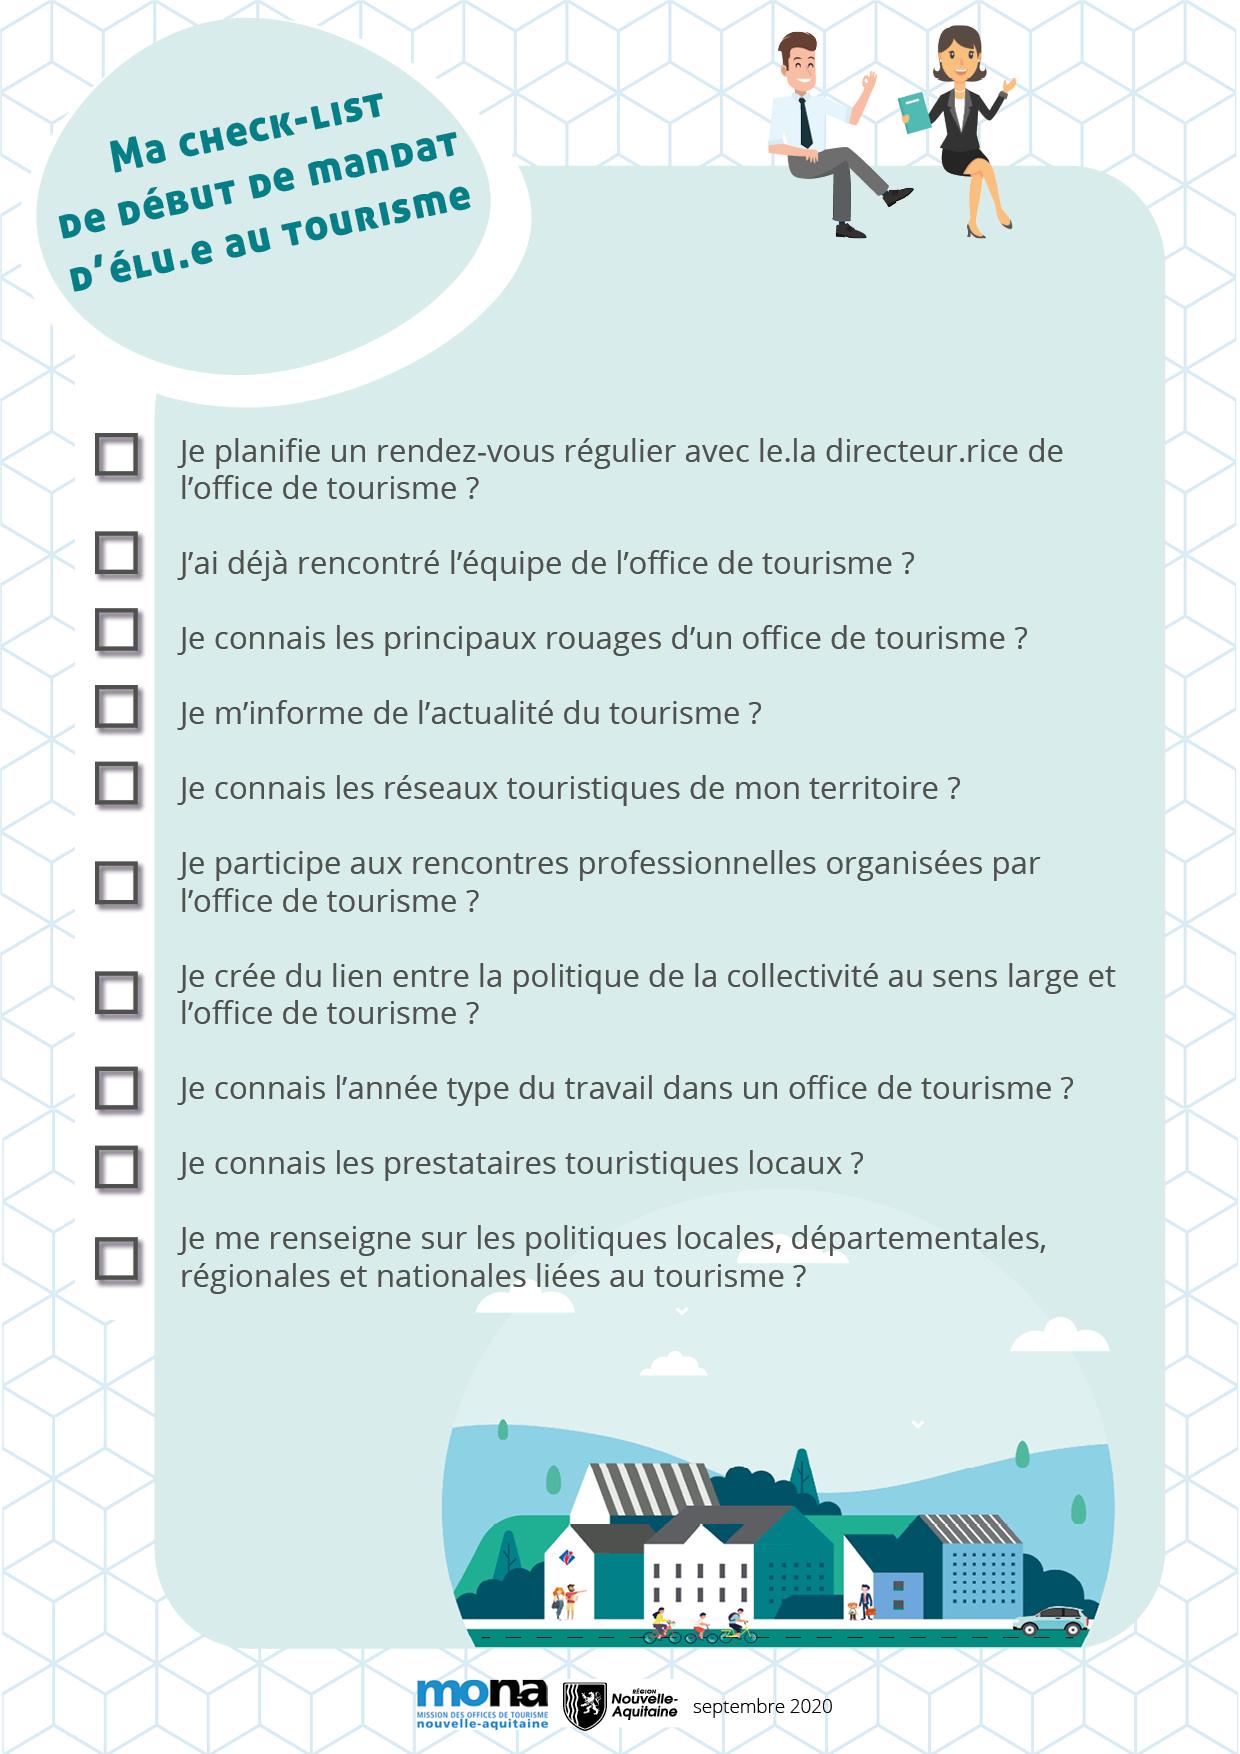 Check-list d'élu.e au tourisme pour bien démarrer